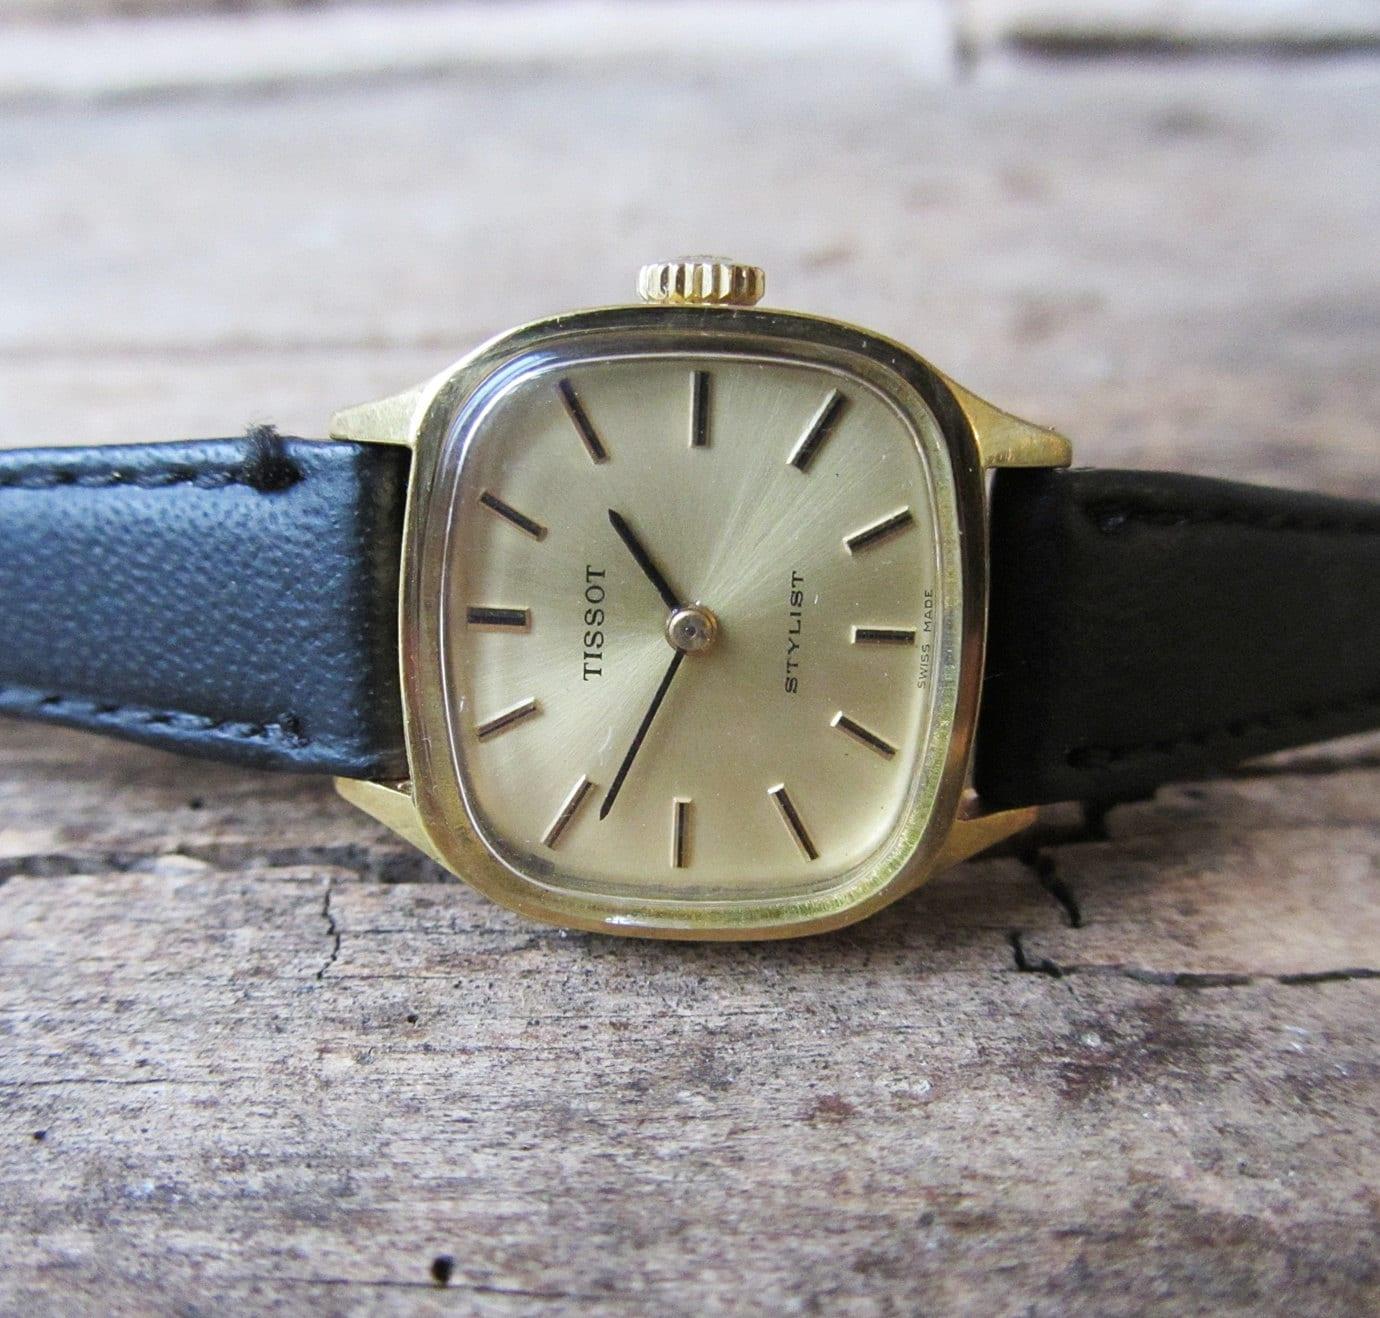 Каталог часов - Наручные часы Ракета Сделано в